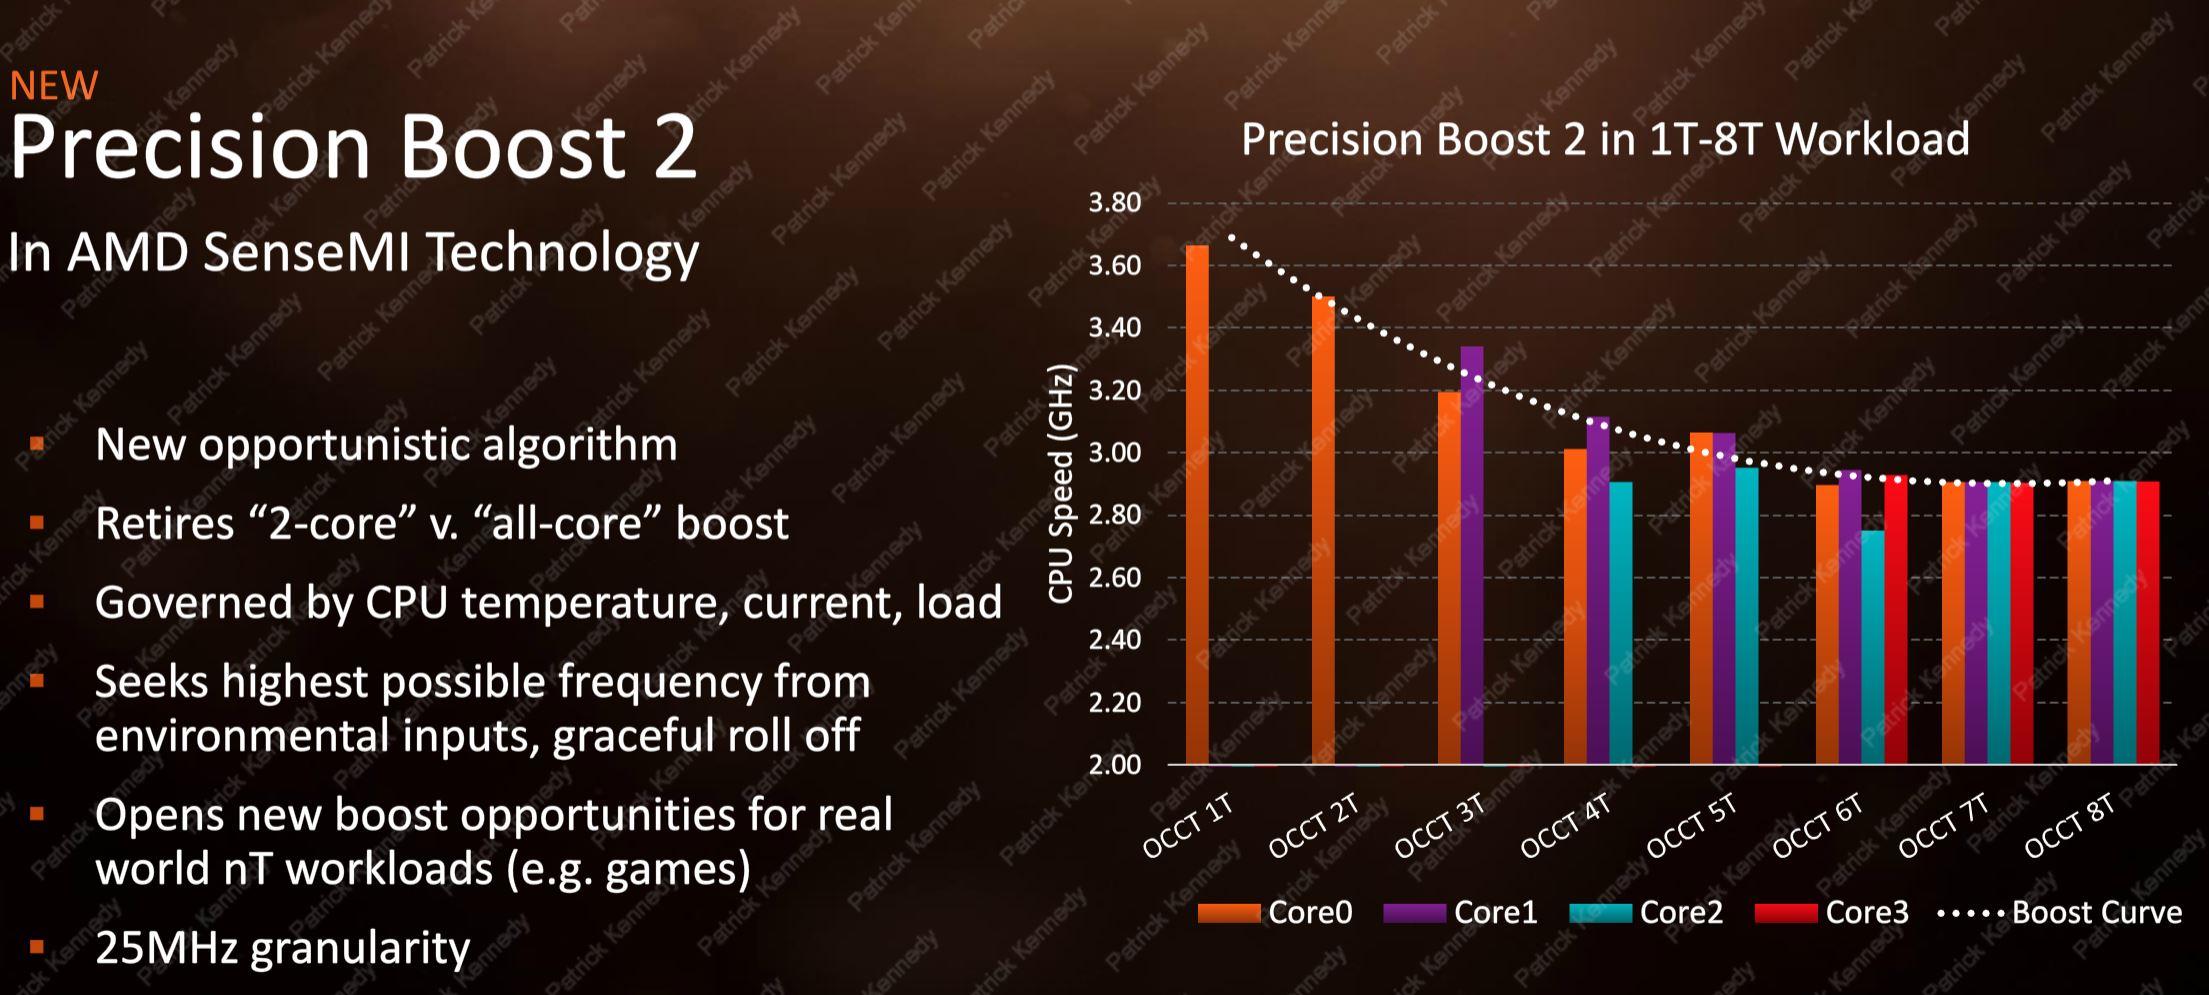 AMD Ryzen Mobile Precision Boost 2 Clocks